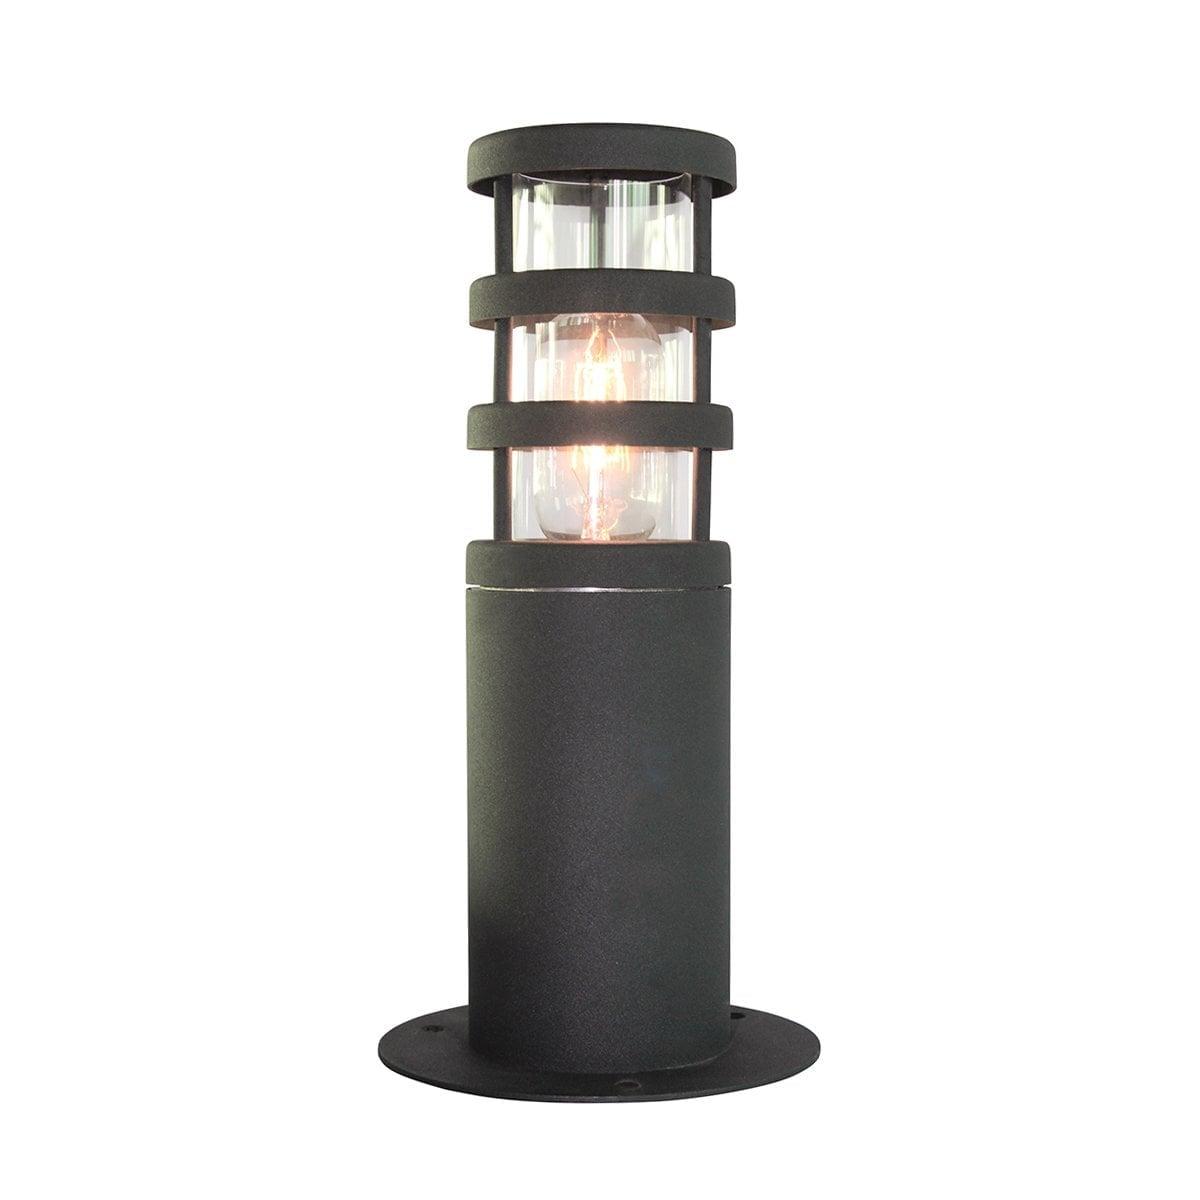 Elstead HORNBAEKPED Hornbaek Pedestal Lantern